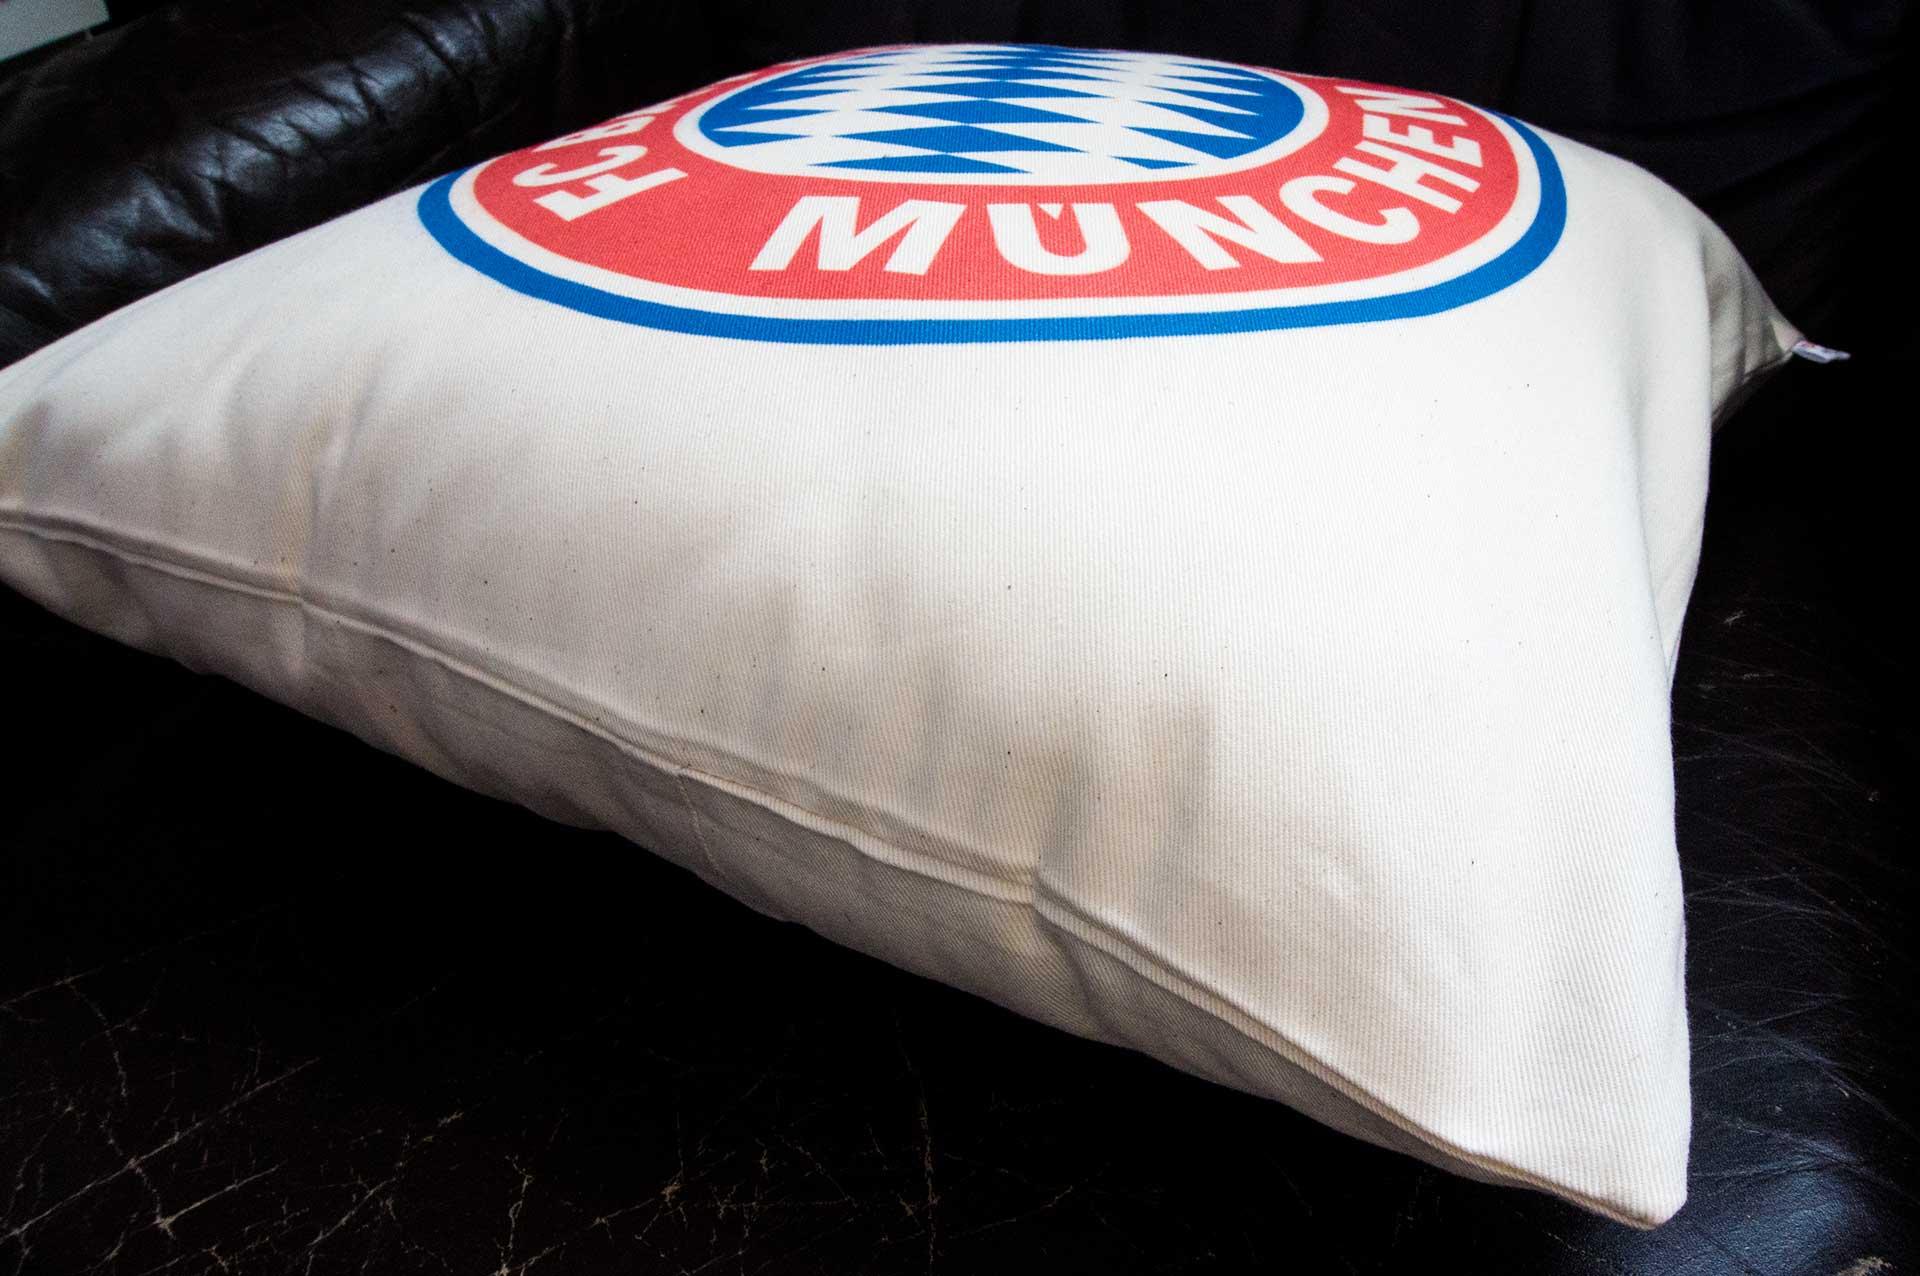 Vankúš s logom Bayern Mníchov